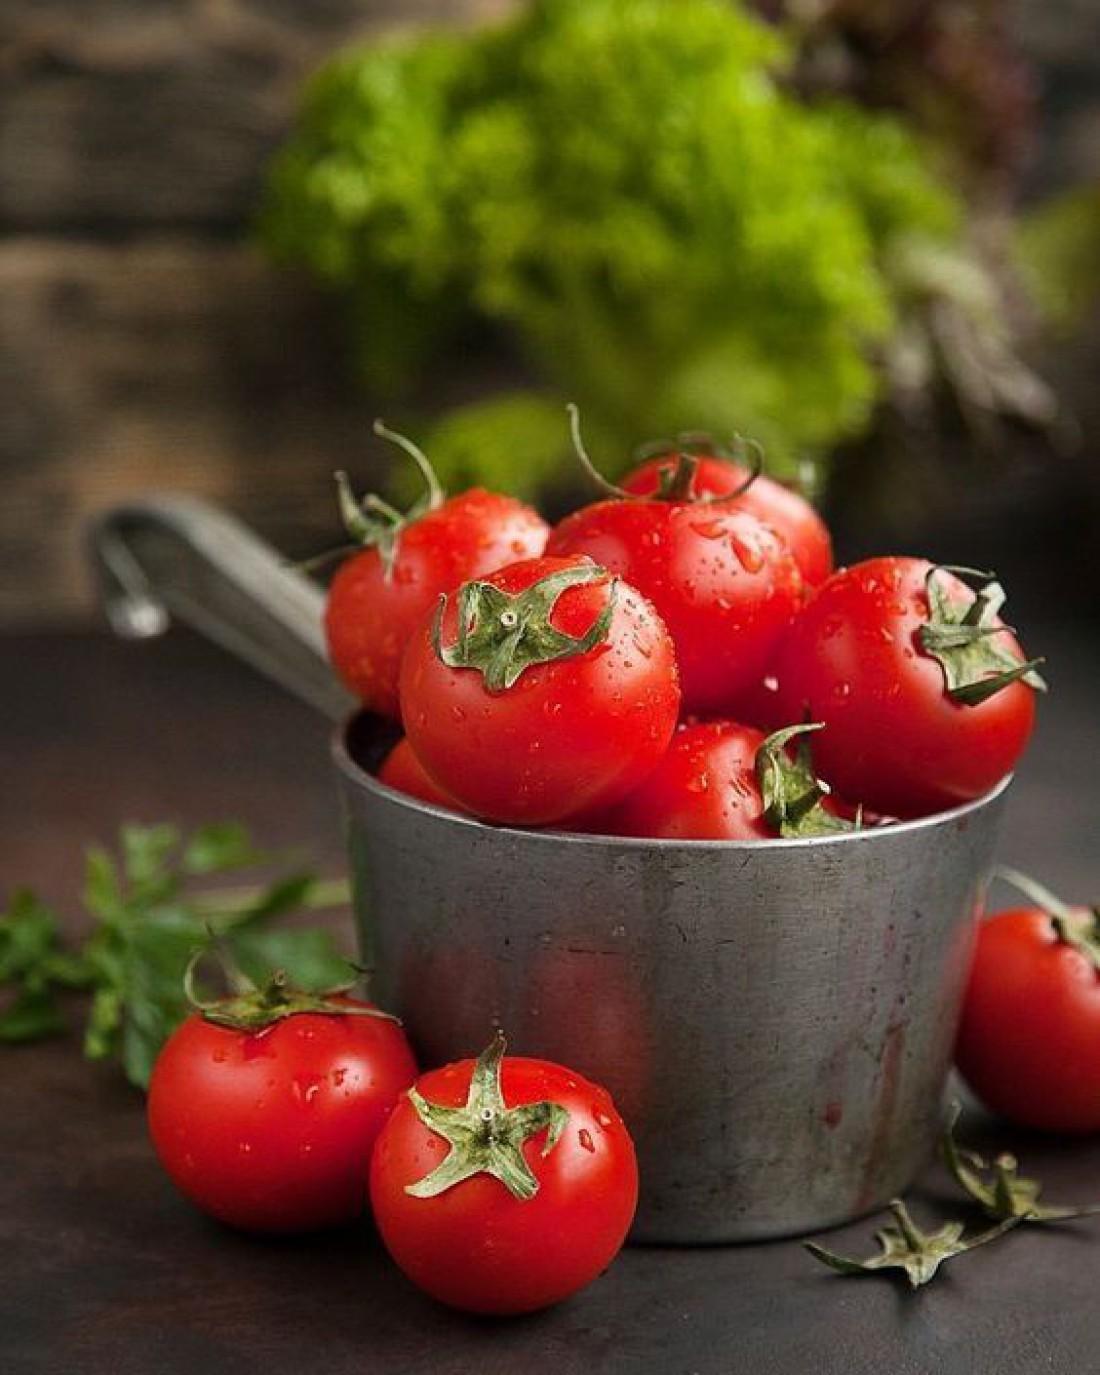 Как хранить помидоры: 3 полезных совета